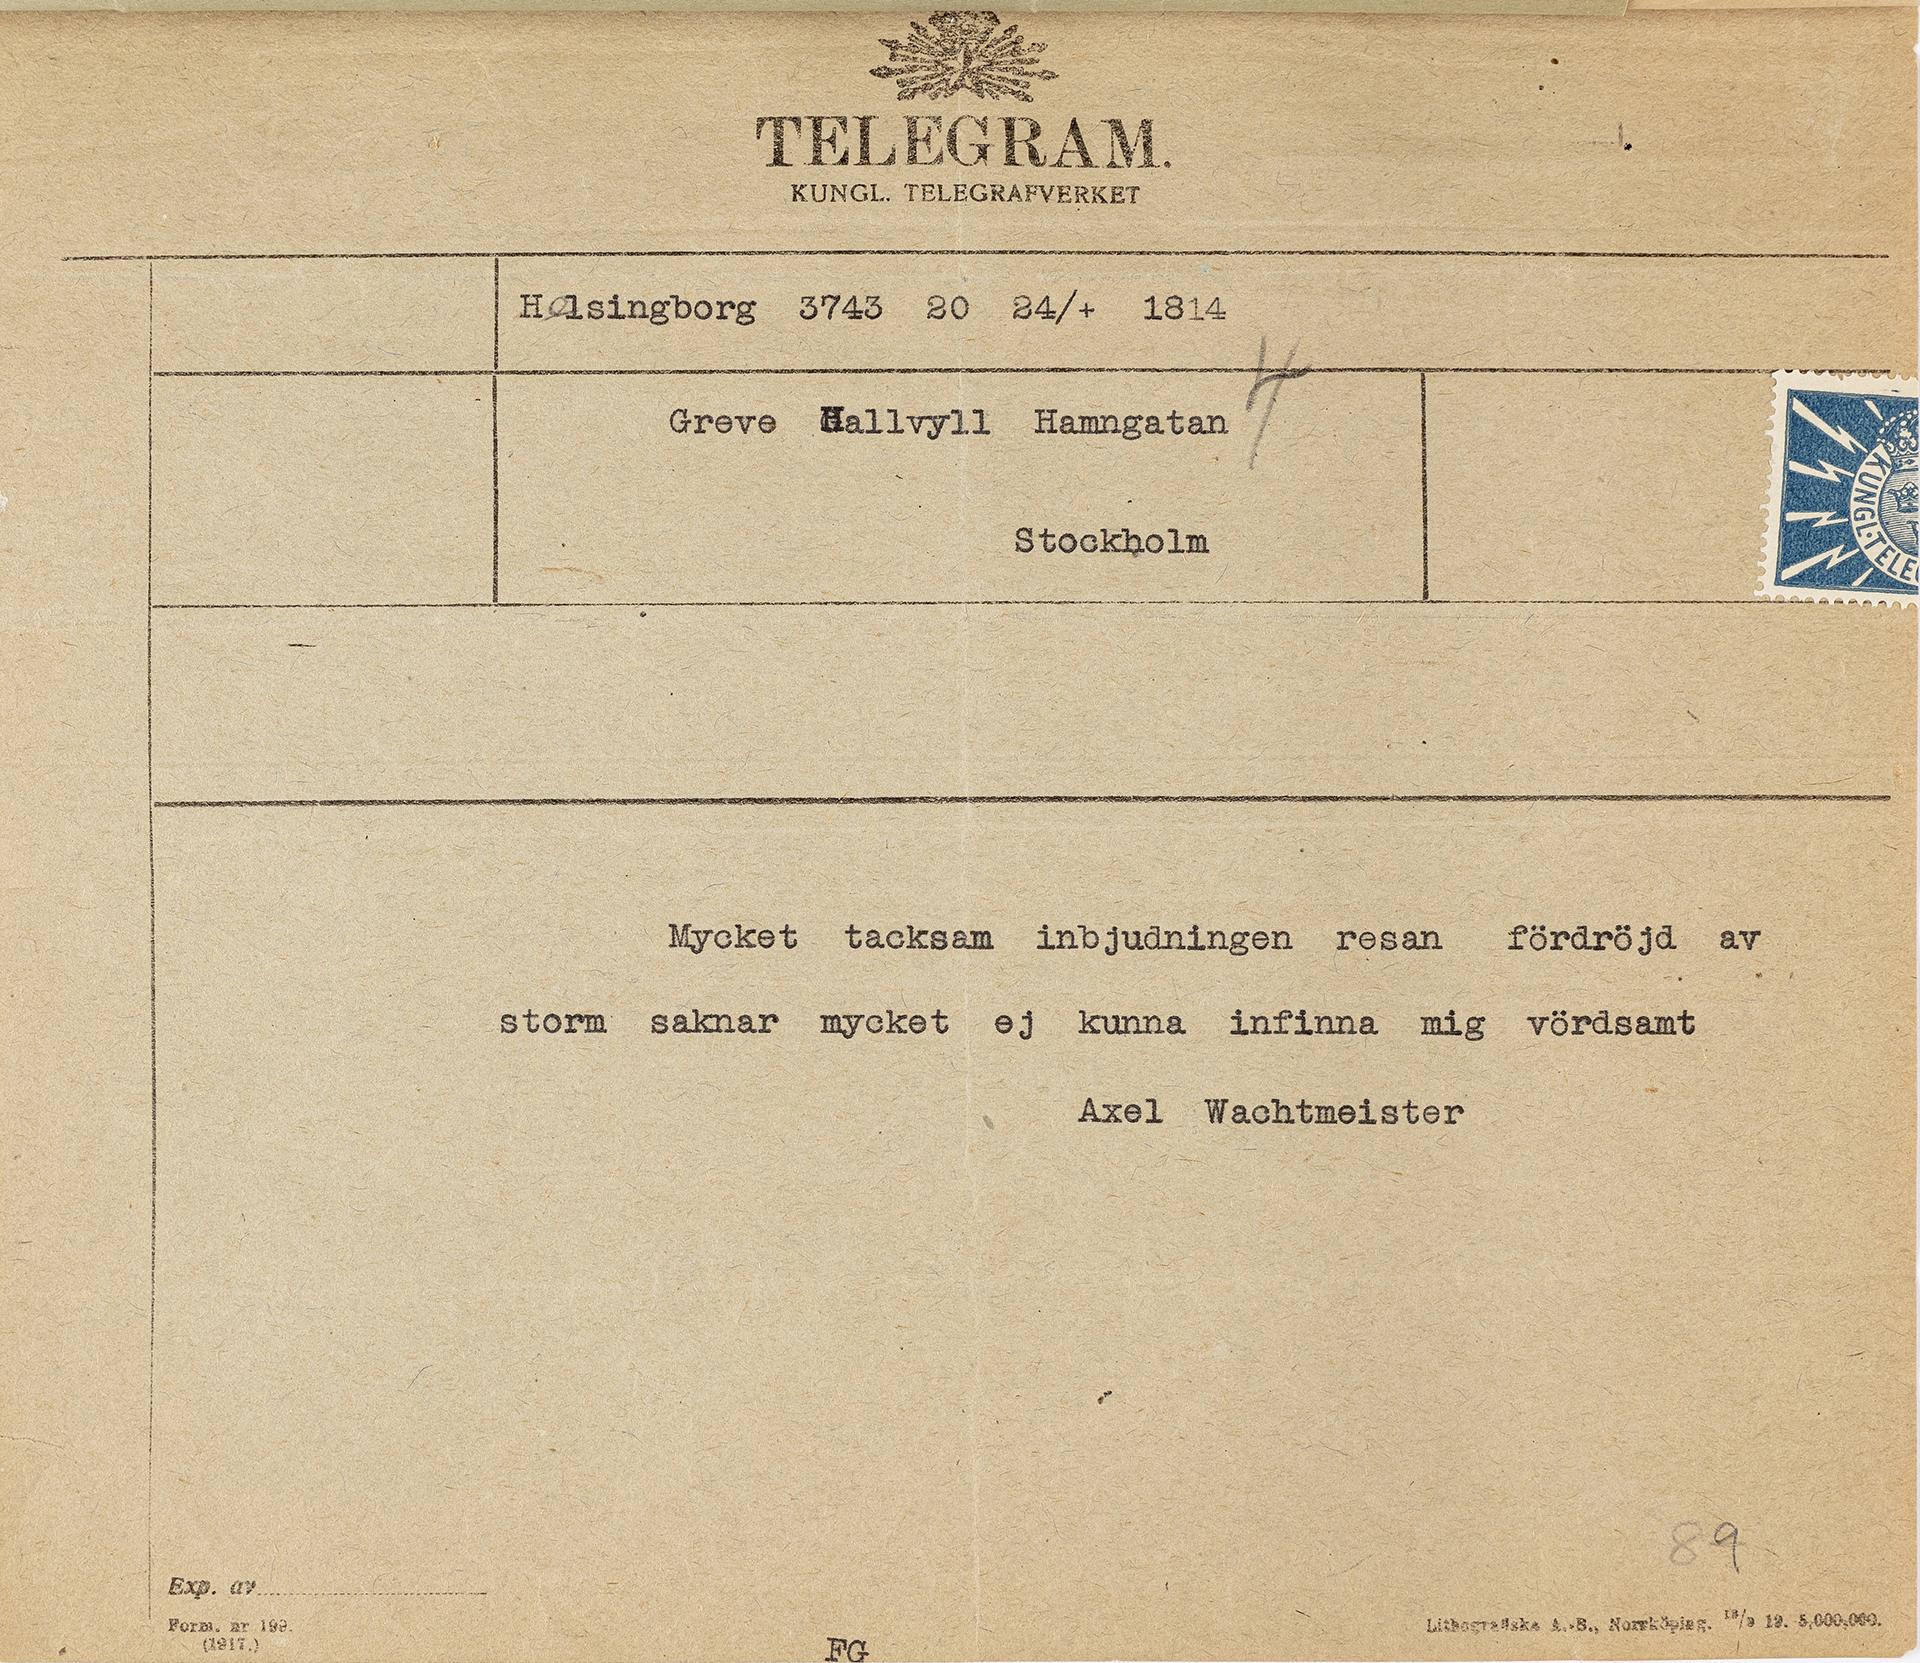 Telegram med maskinskriven text på gulnat papper. Högst upp Telegrafverkets logotyp.